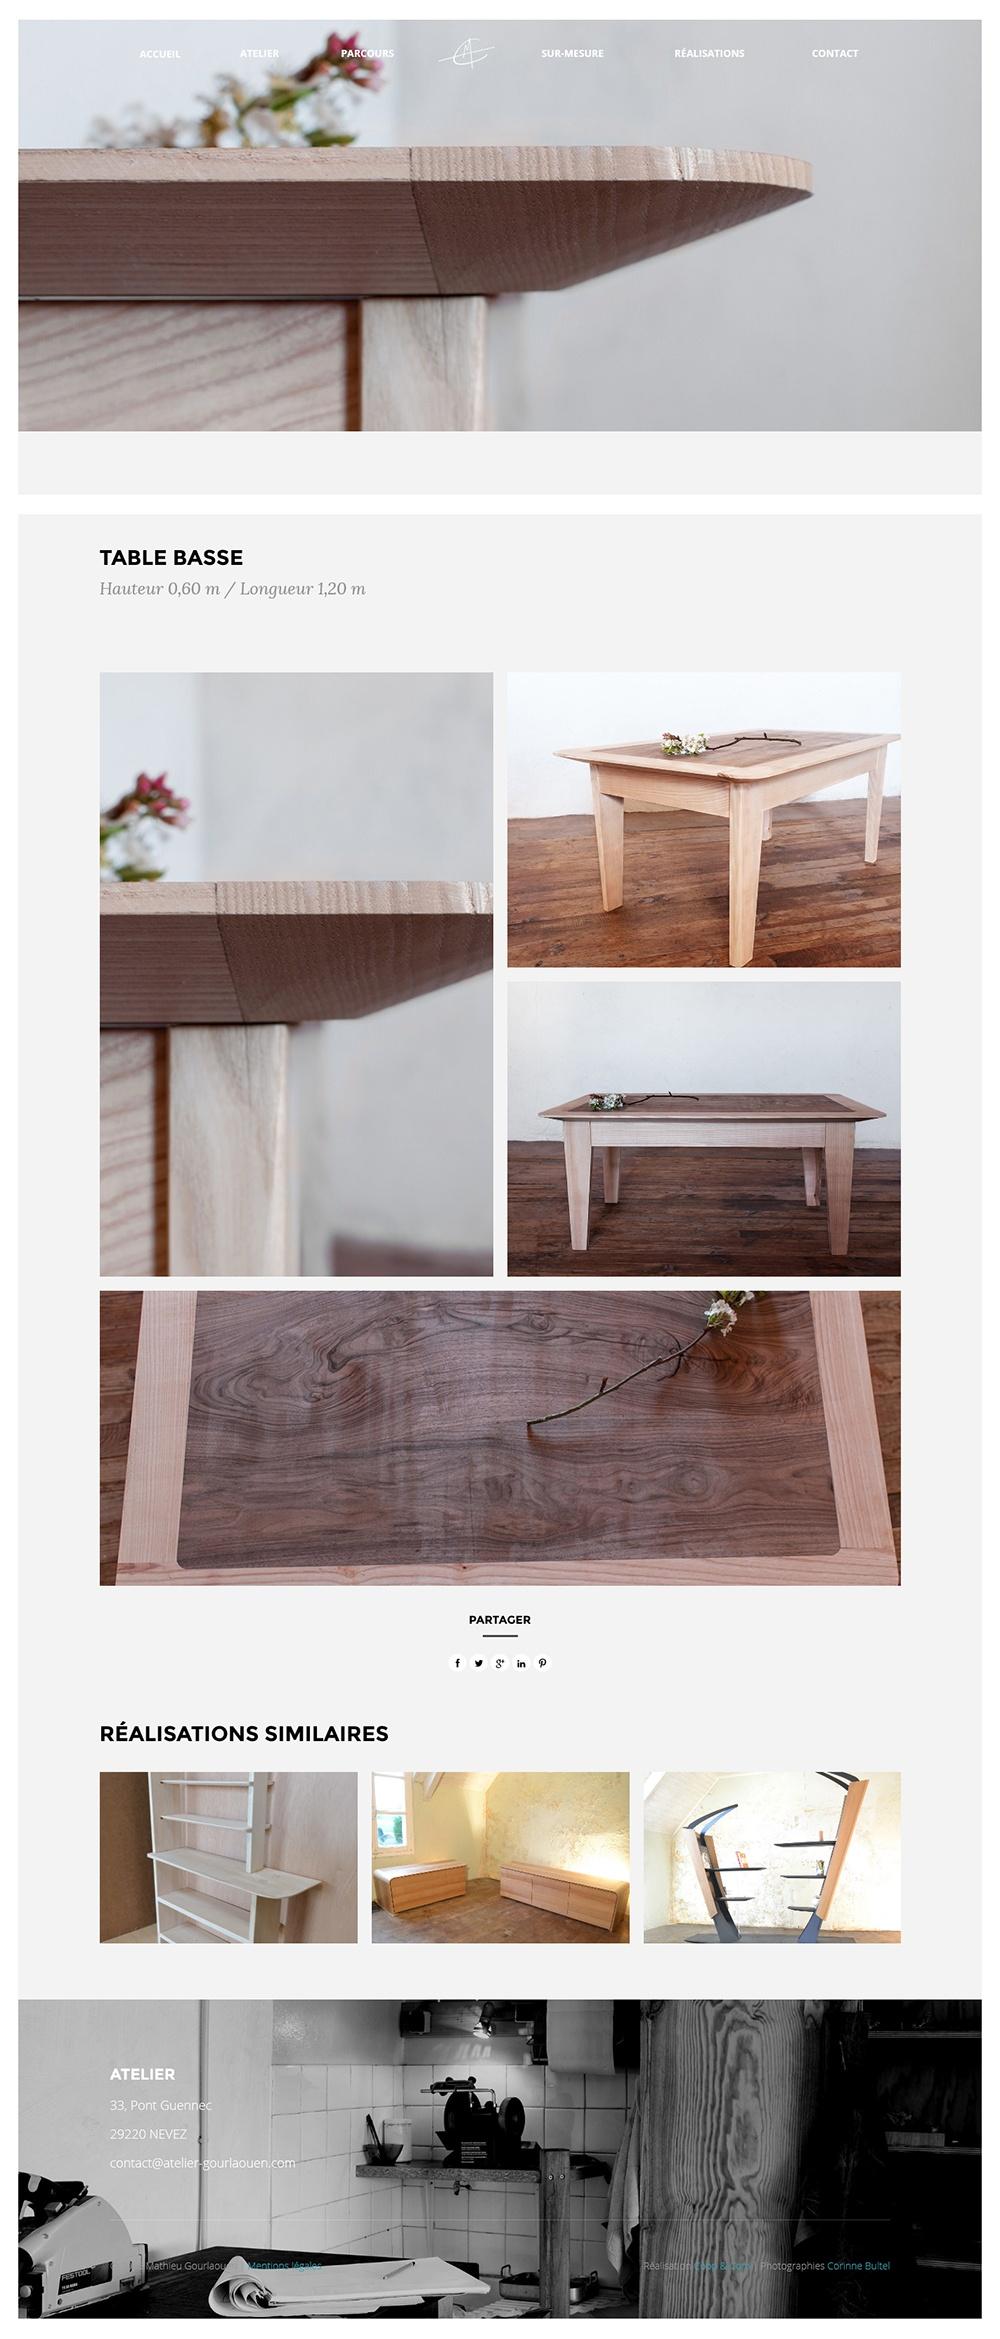 Table basse Atelier Gourlaouen